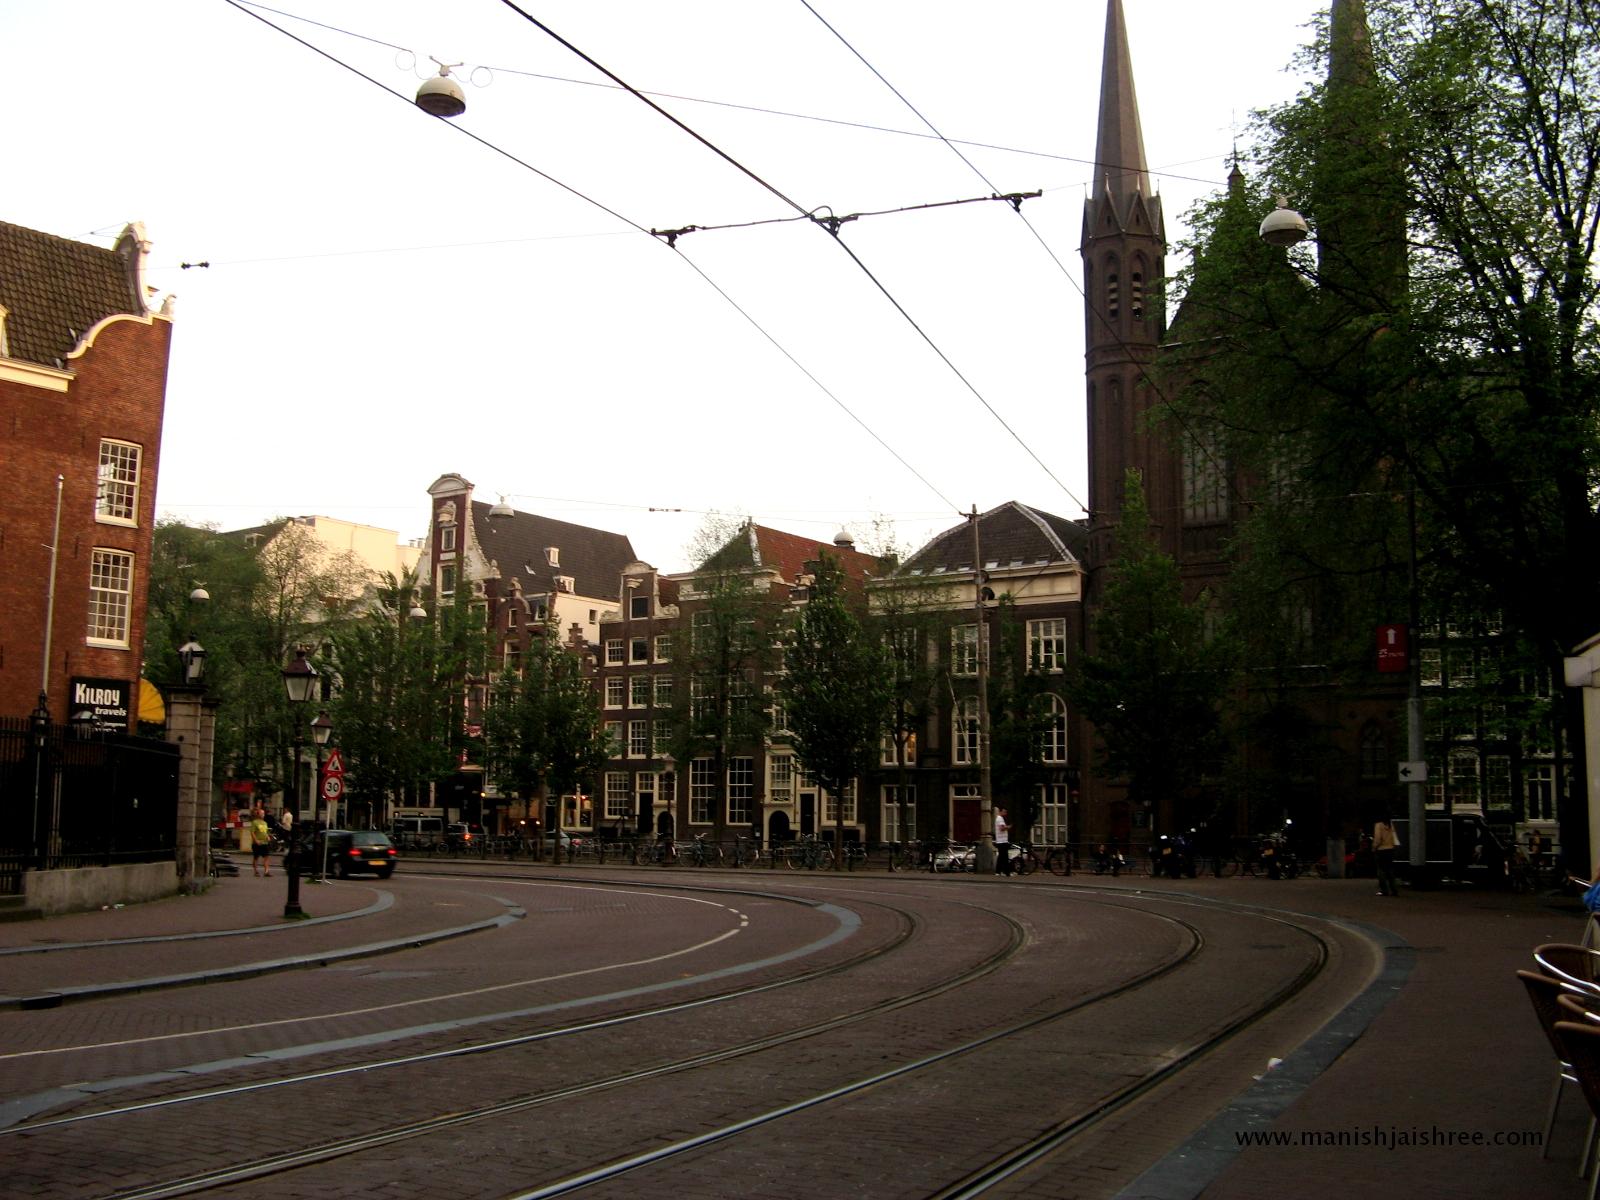 A city road